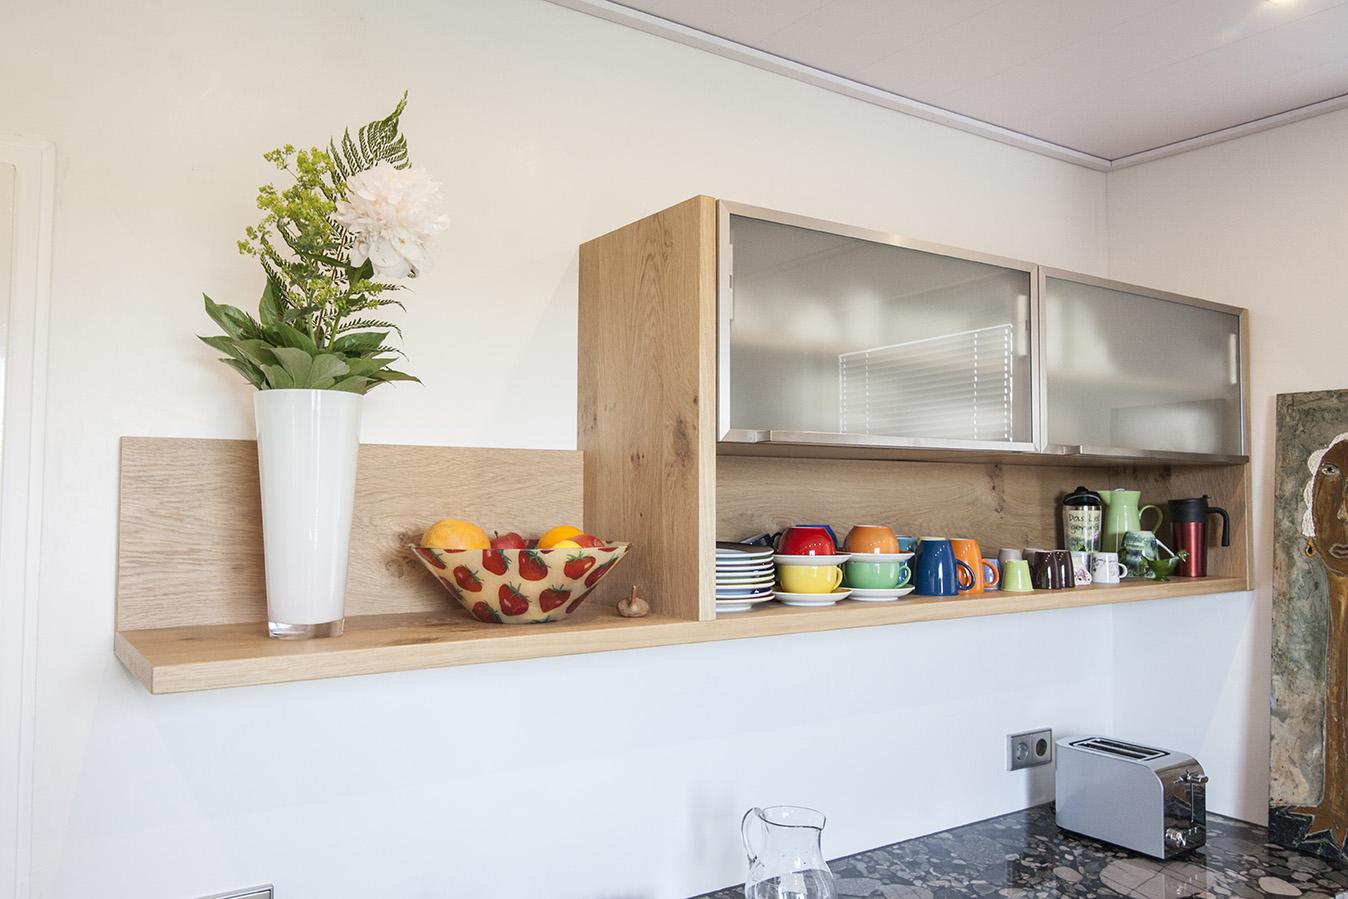 Дизайн кухни с подвесными шкафчиками 2019